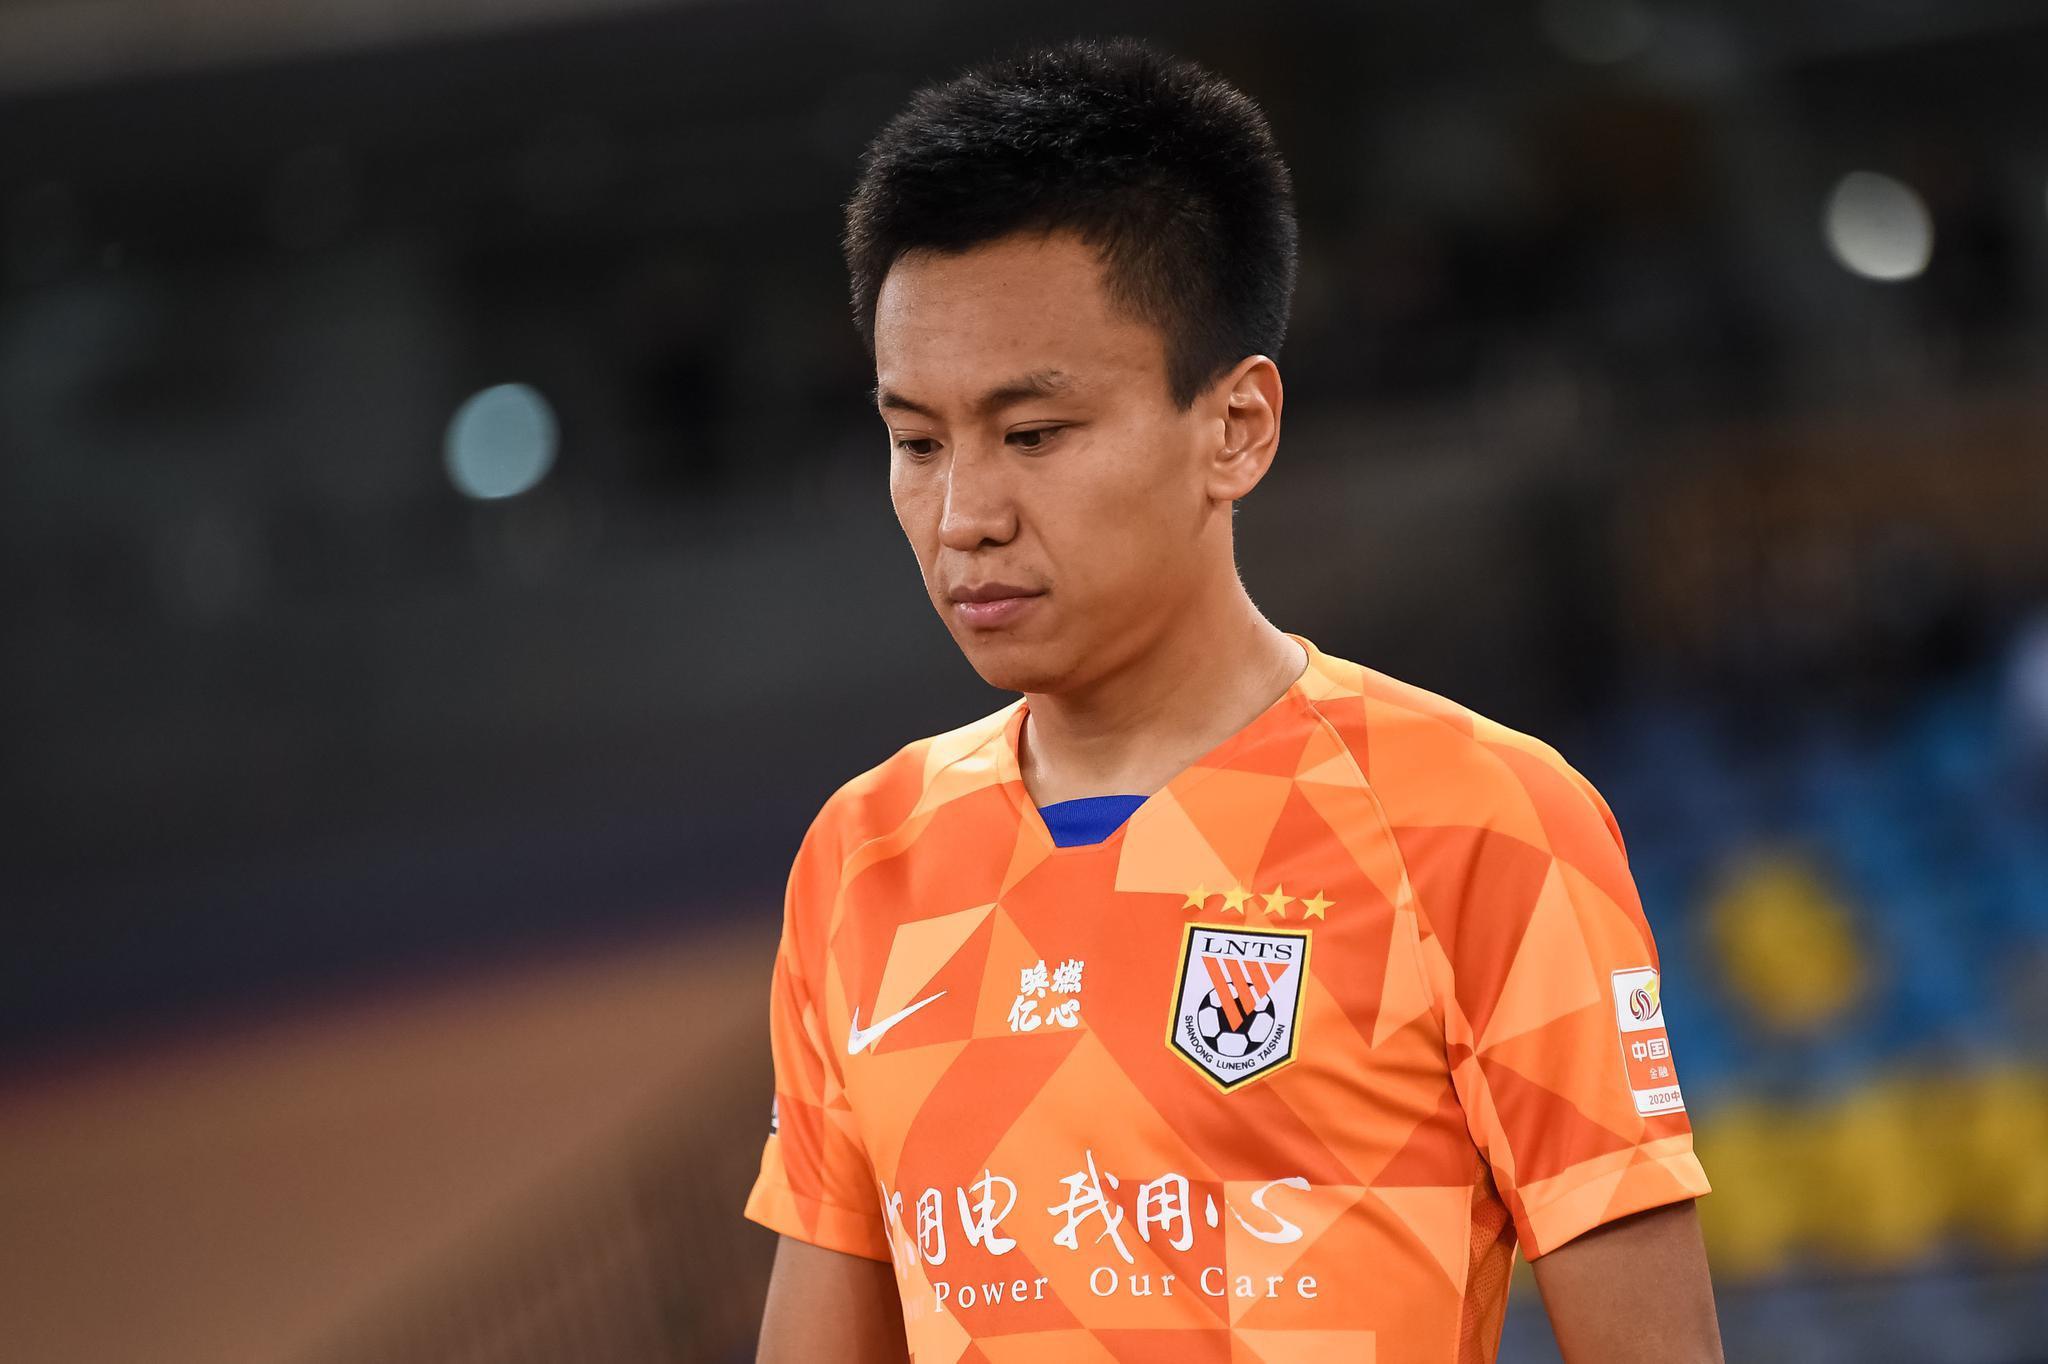 张弛妻子微博:无法向刚刚爱上足球的儿子解释这一切